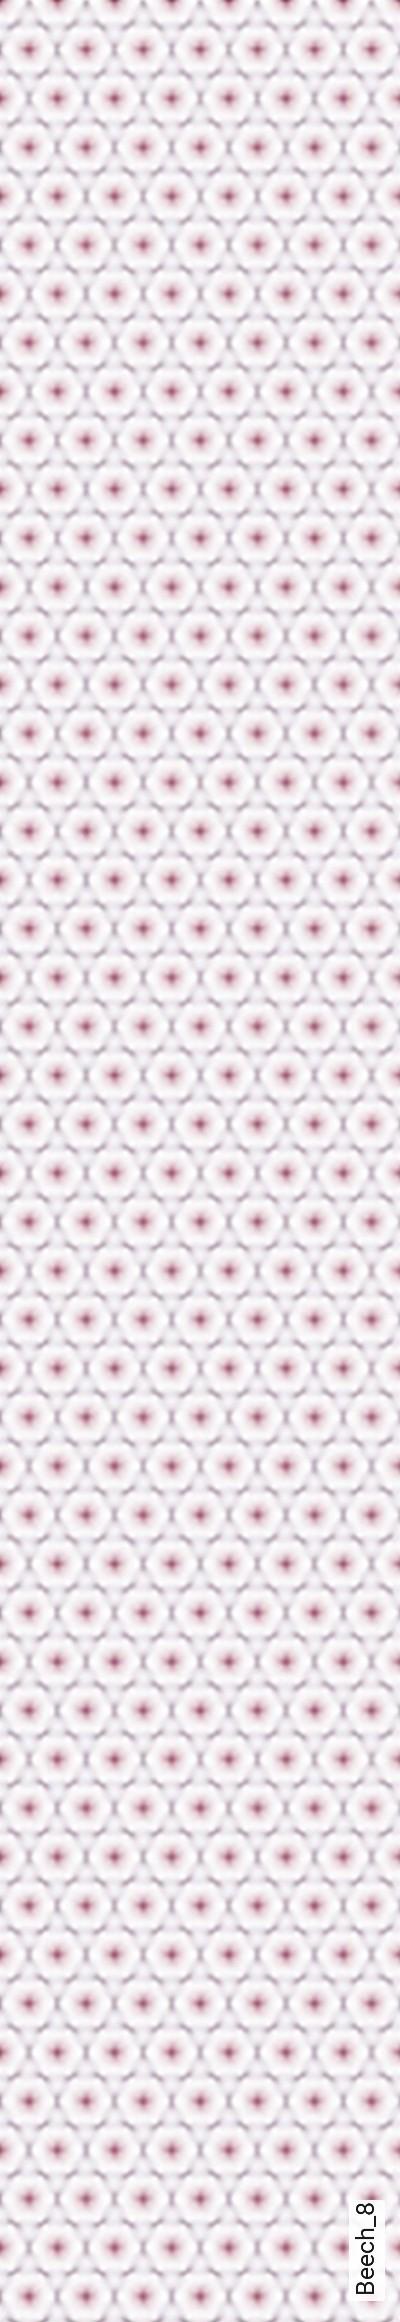 Beech_8-Formen-Moderne-Muster-Rot-Lila-Weiß